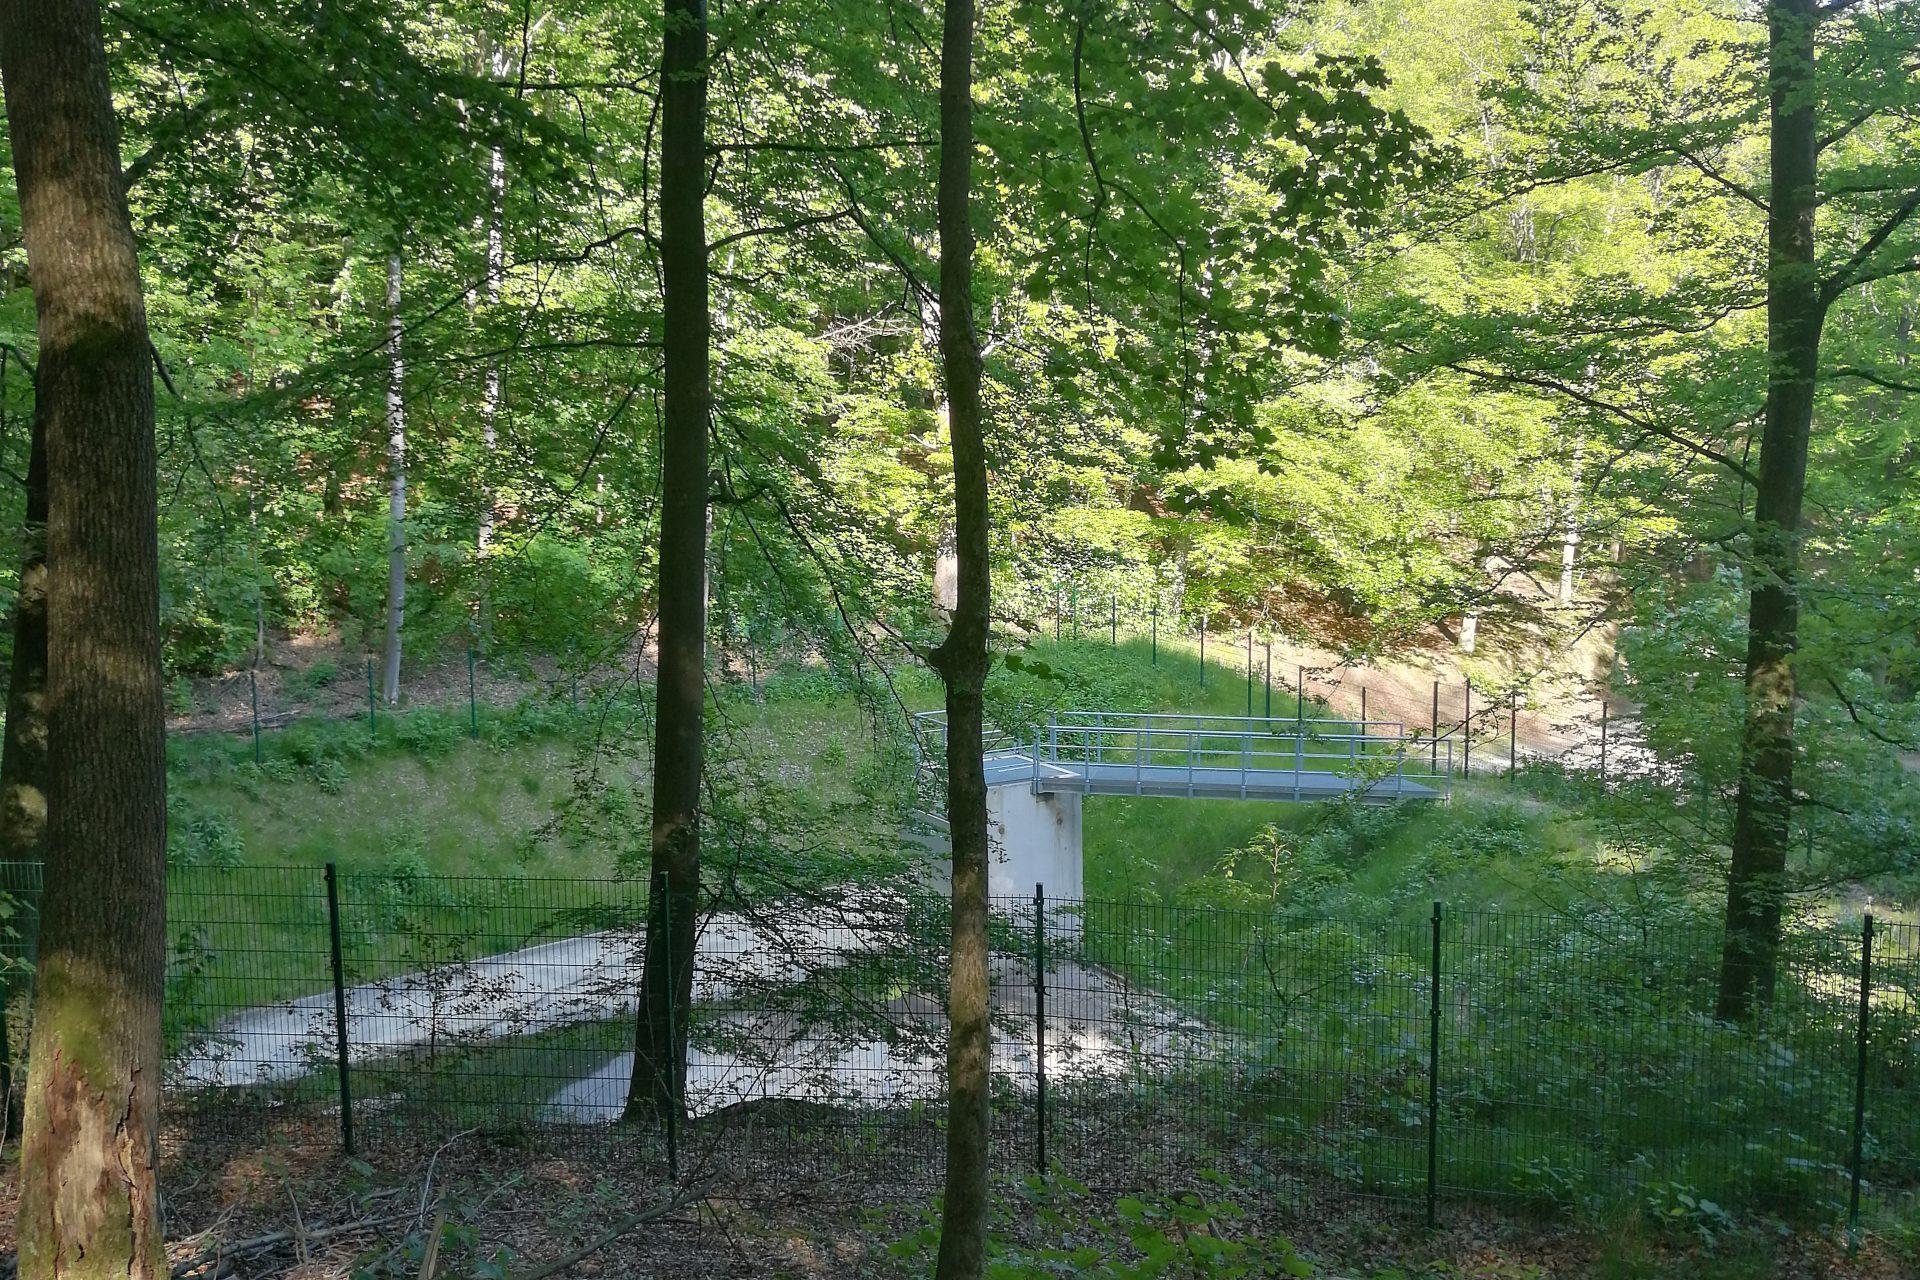 Verpachtung städtischer Waldflächen zur Jagdausübung